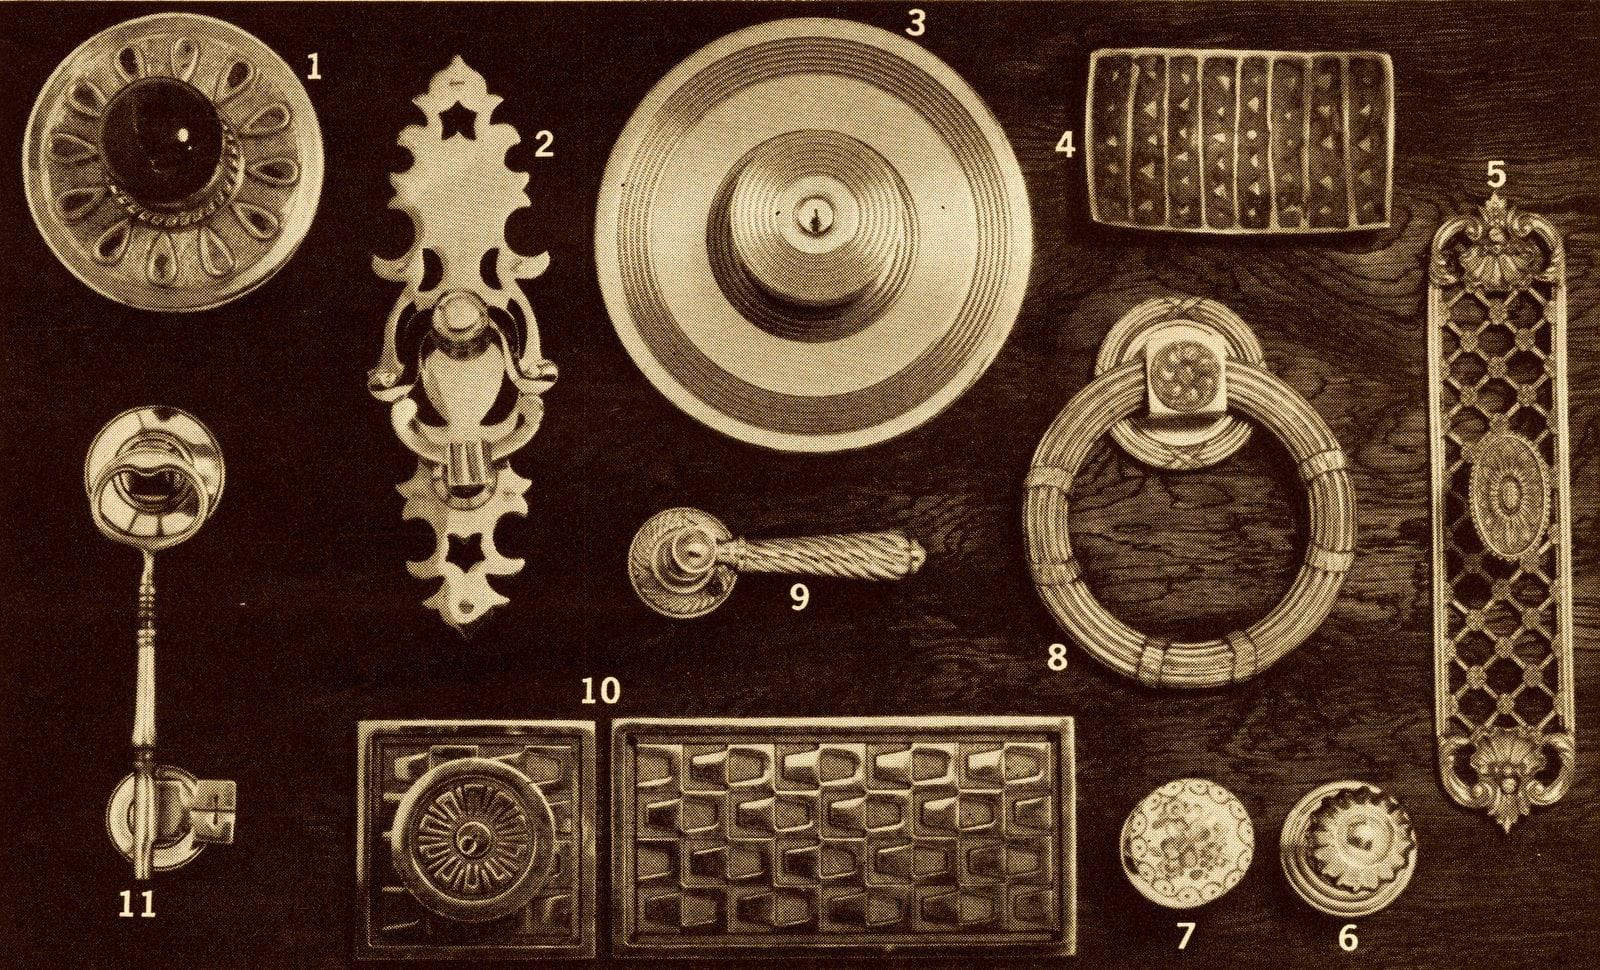 Vintage doorknobs, handles and pulls (1965)